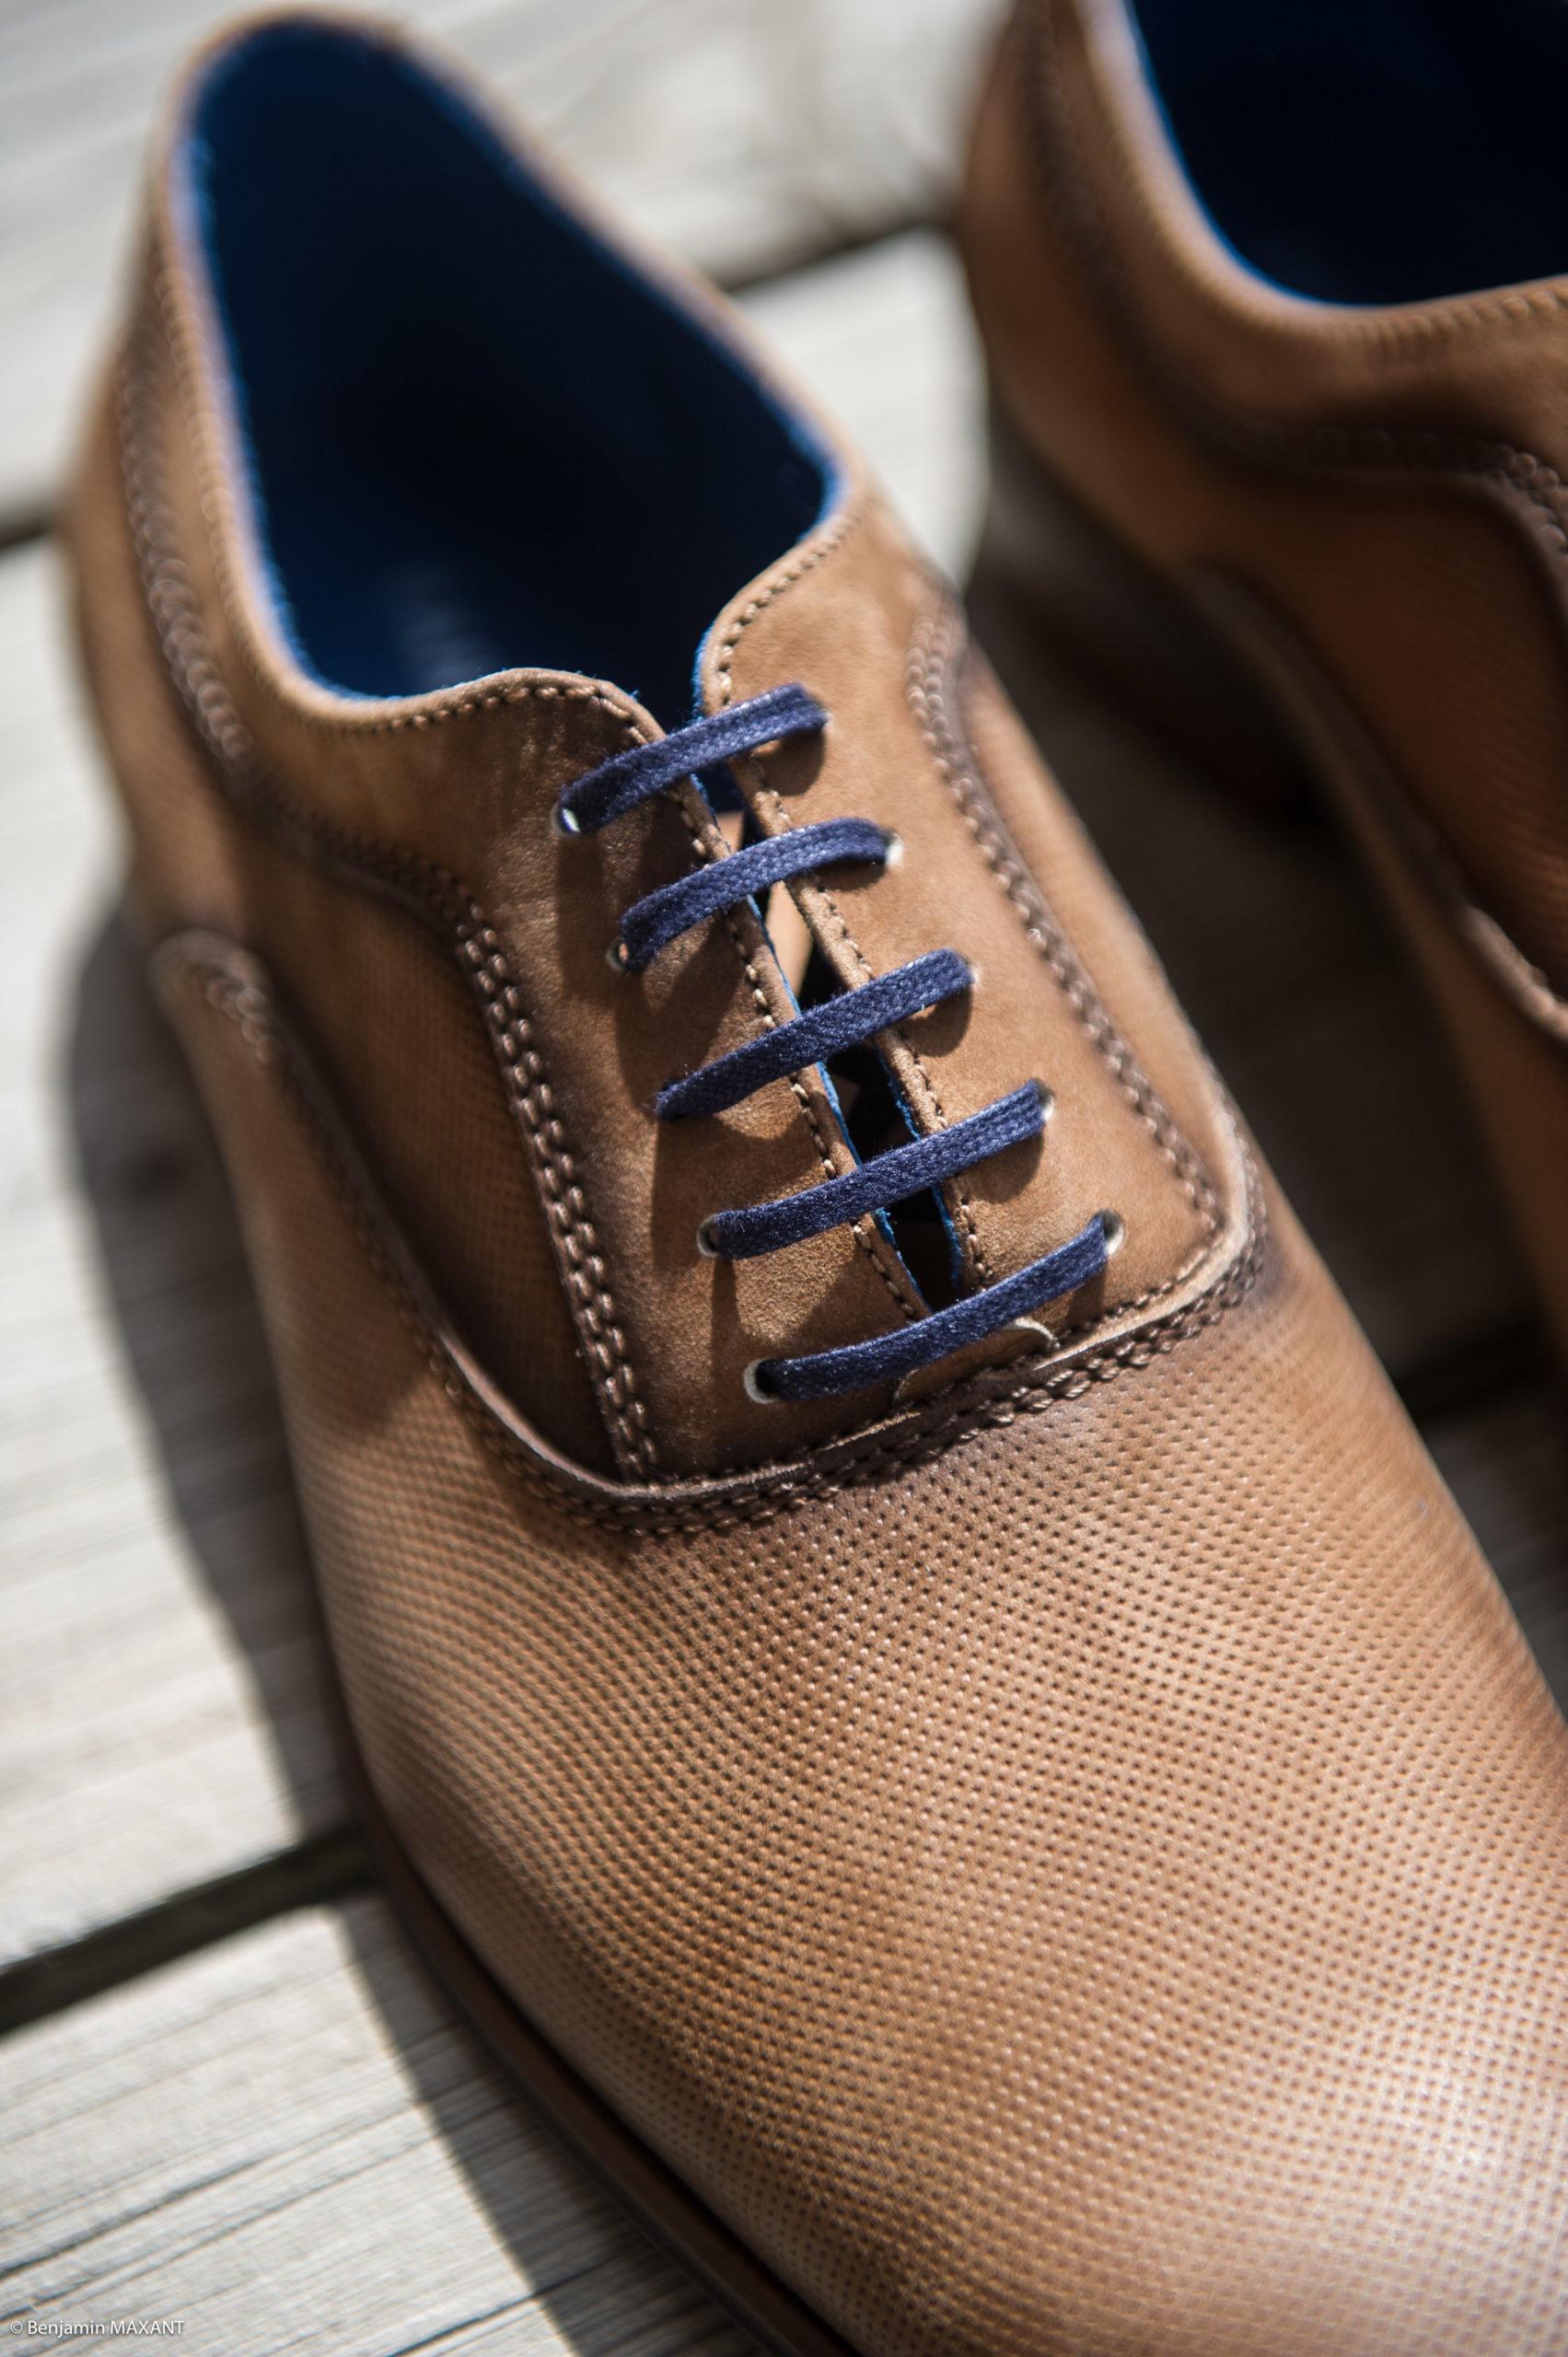 La péparation de Romain le marié - les chaussures